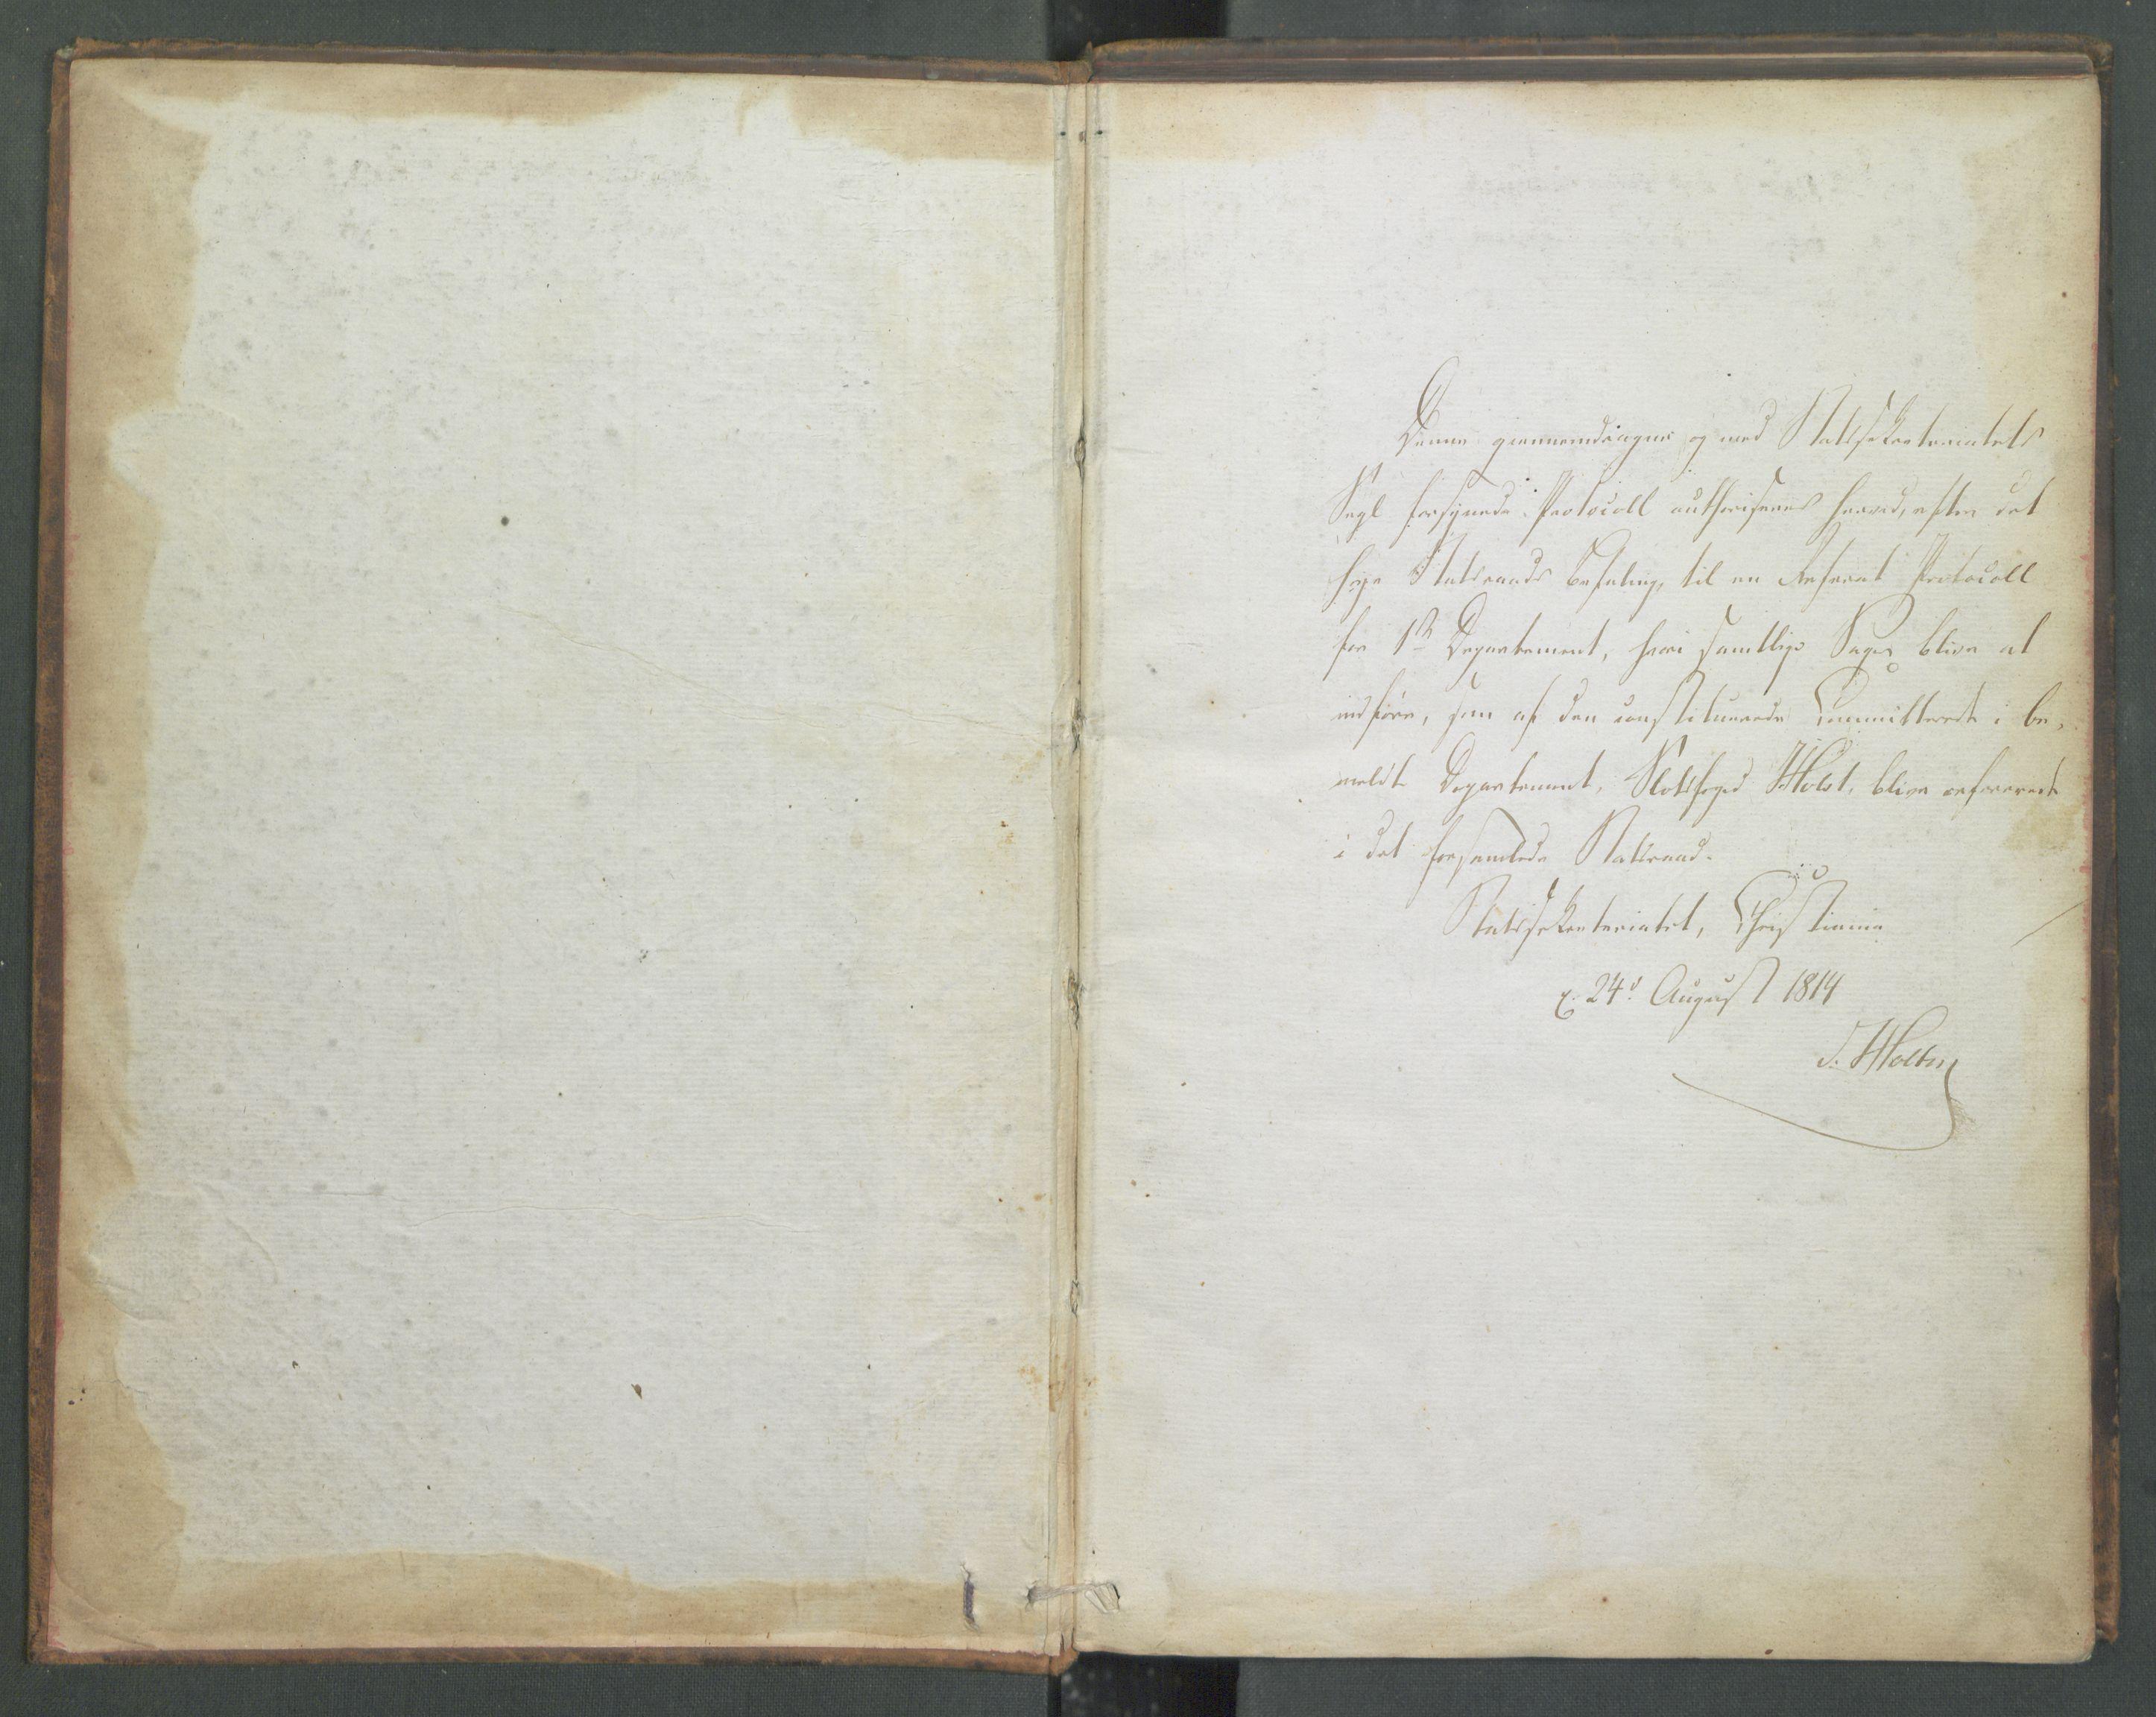 RA, Departementene i 1814, Fa/L0001: 1. byrå - Referatprotokoll m/ register 9-55, 1814, s. 3